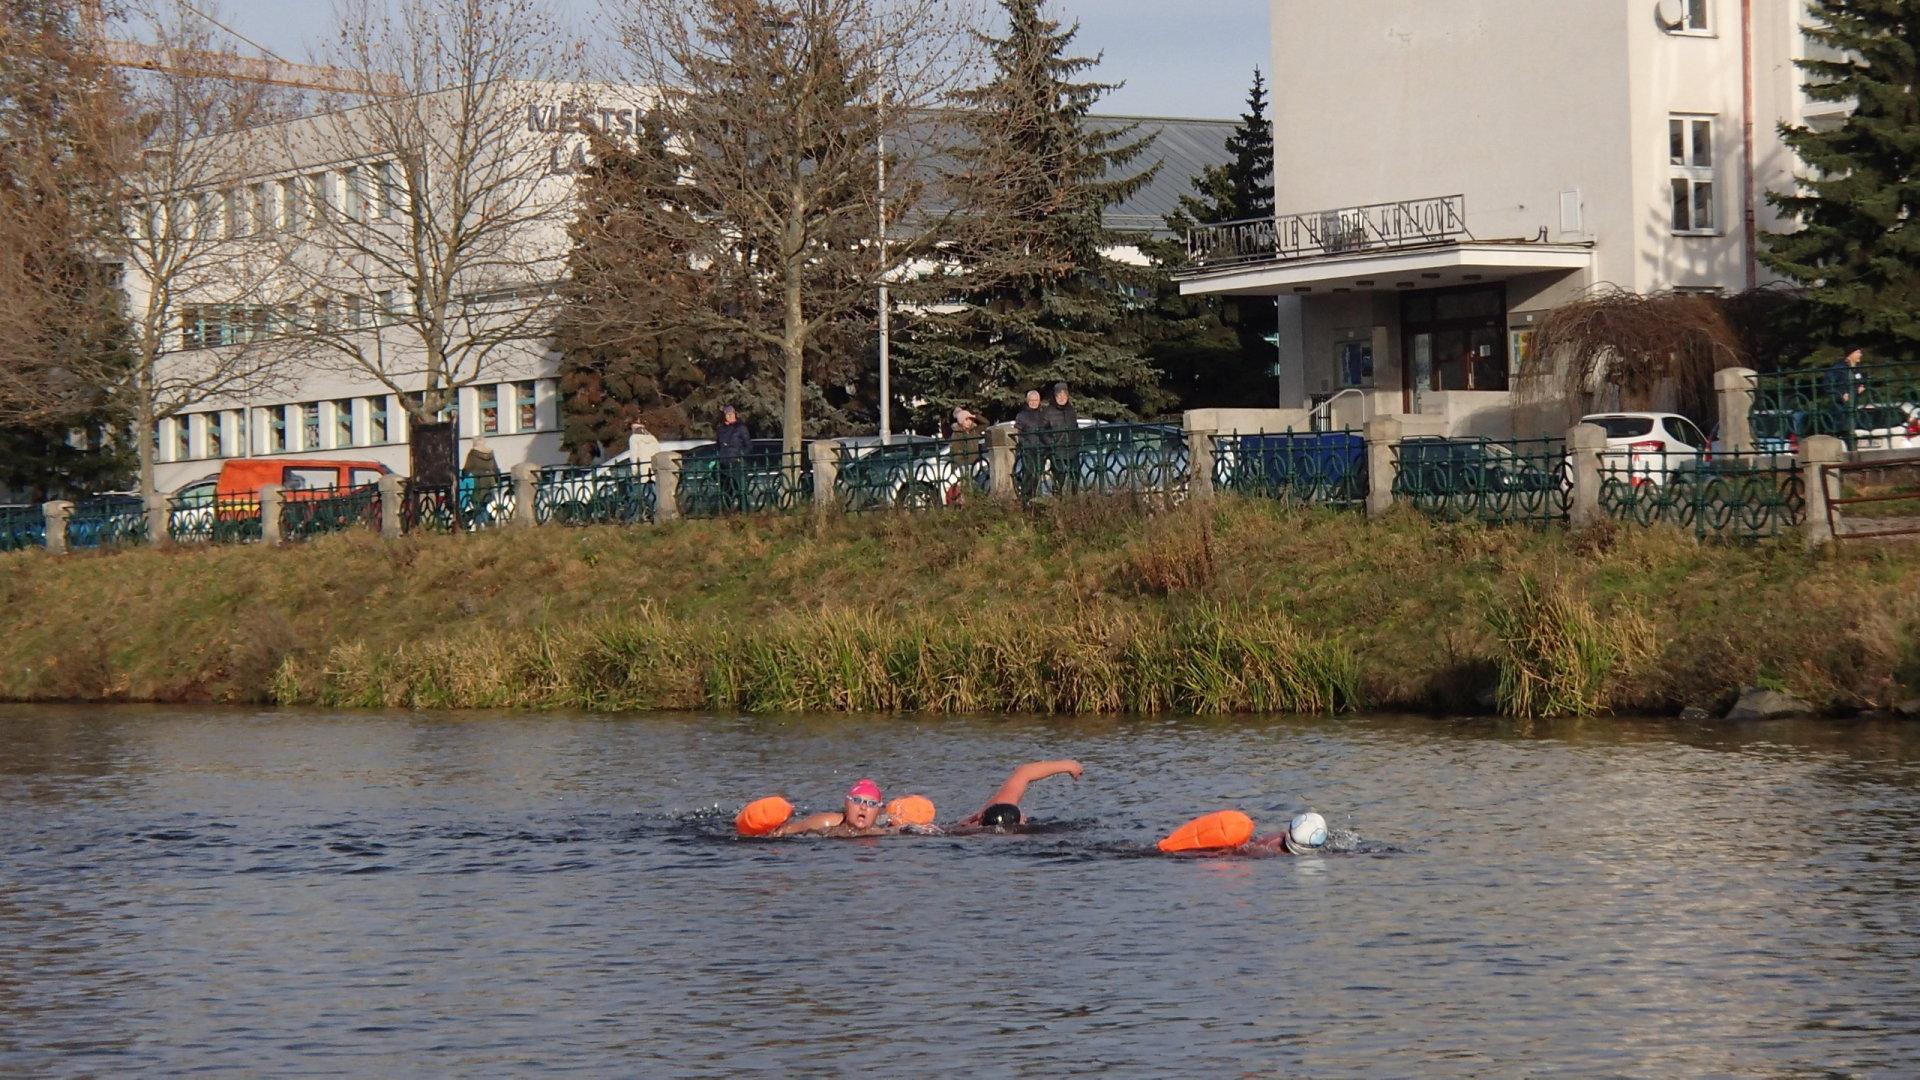 River Labe 2019 - Plavkyně z druhé rozplavby na 1000 metrů.